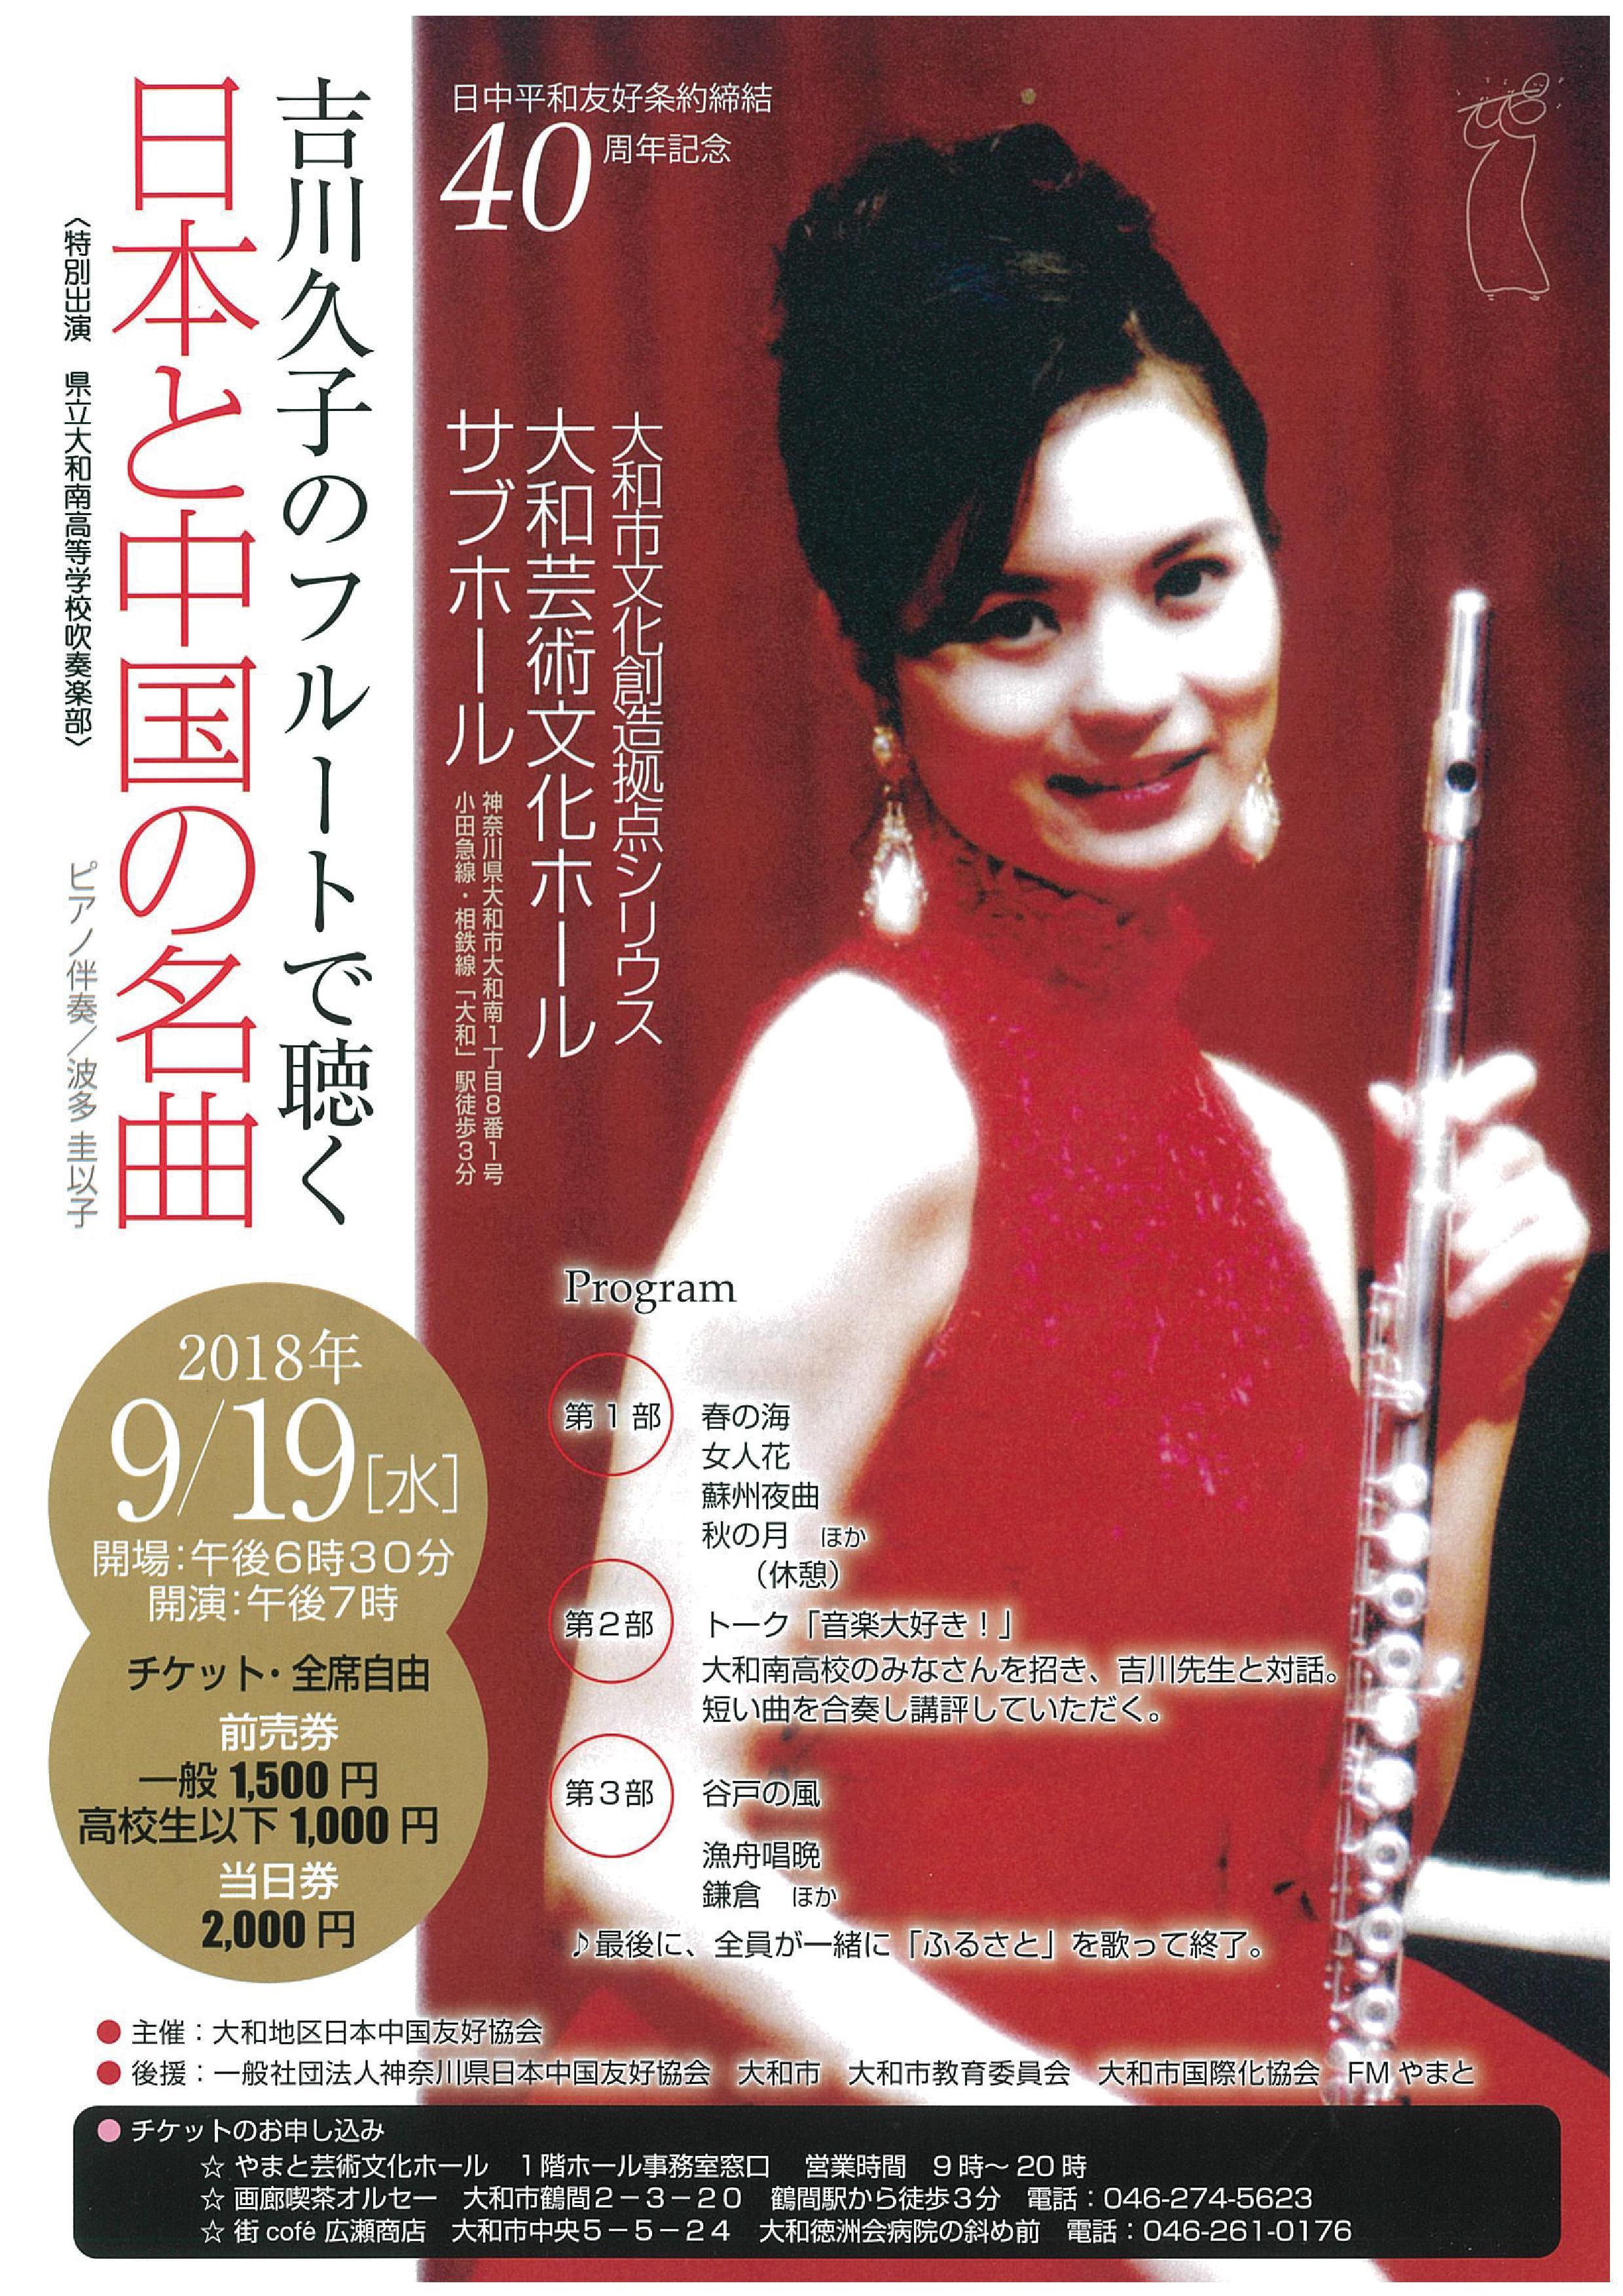 吉川久子のフルートで聴く 日本と中国の名曲